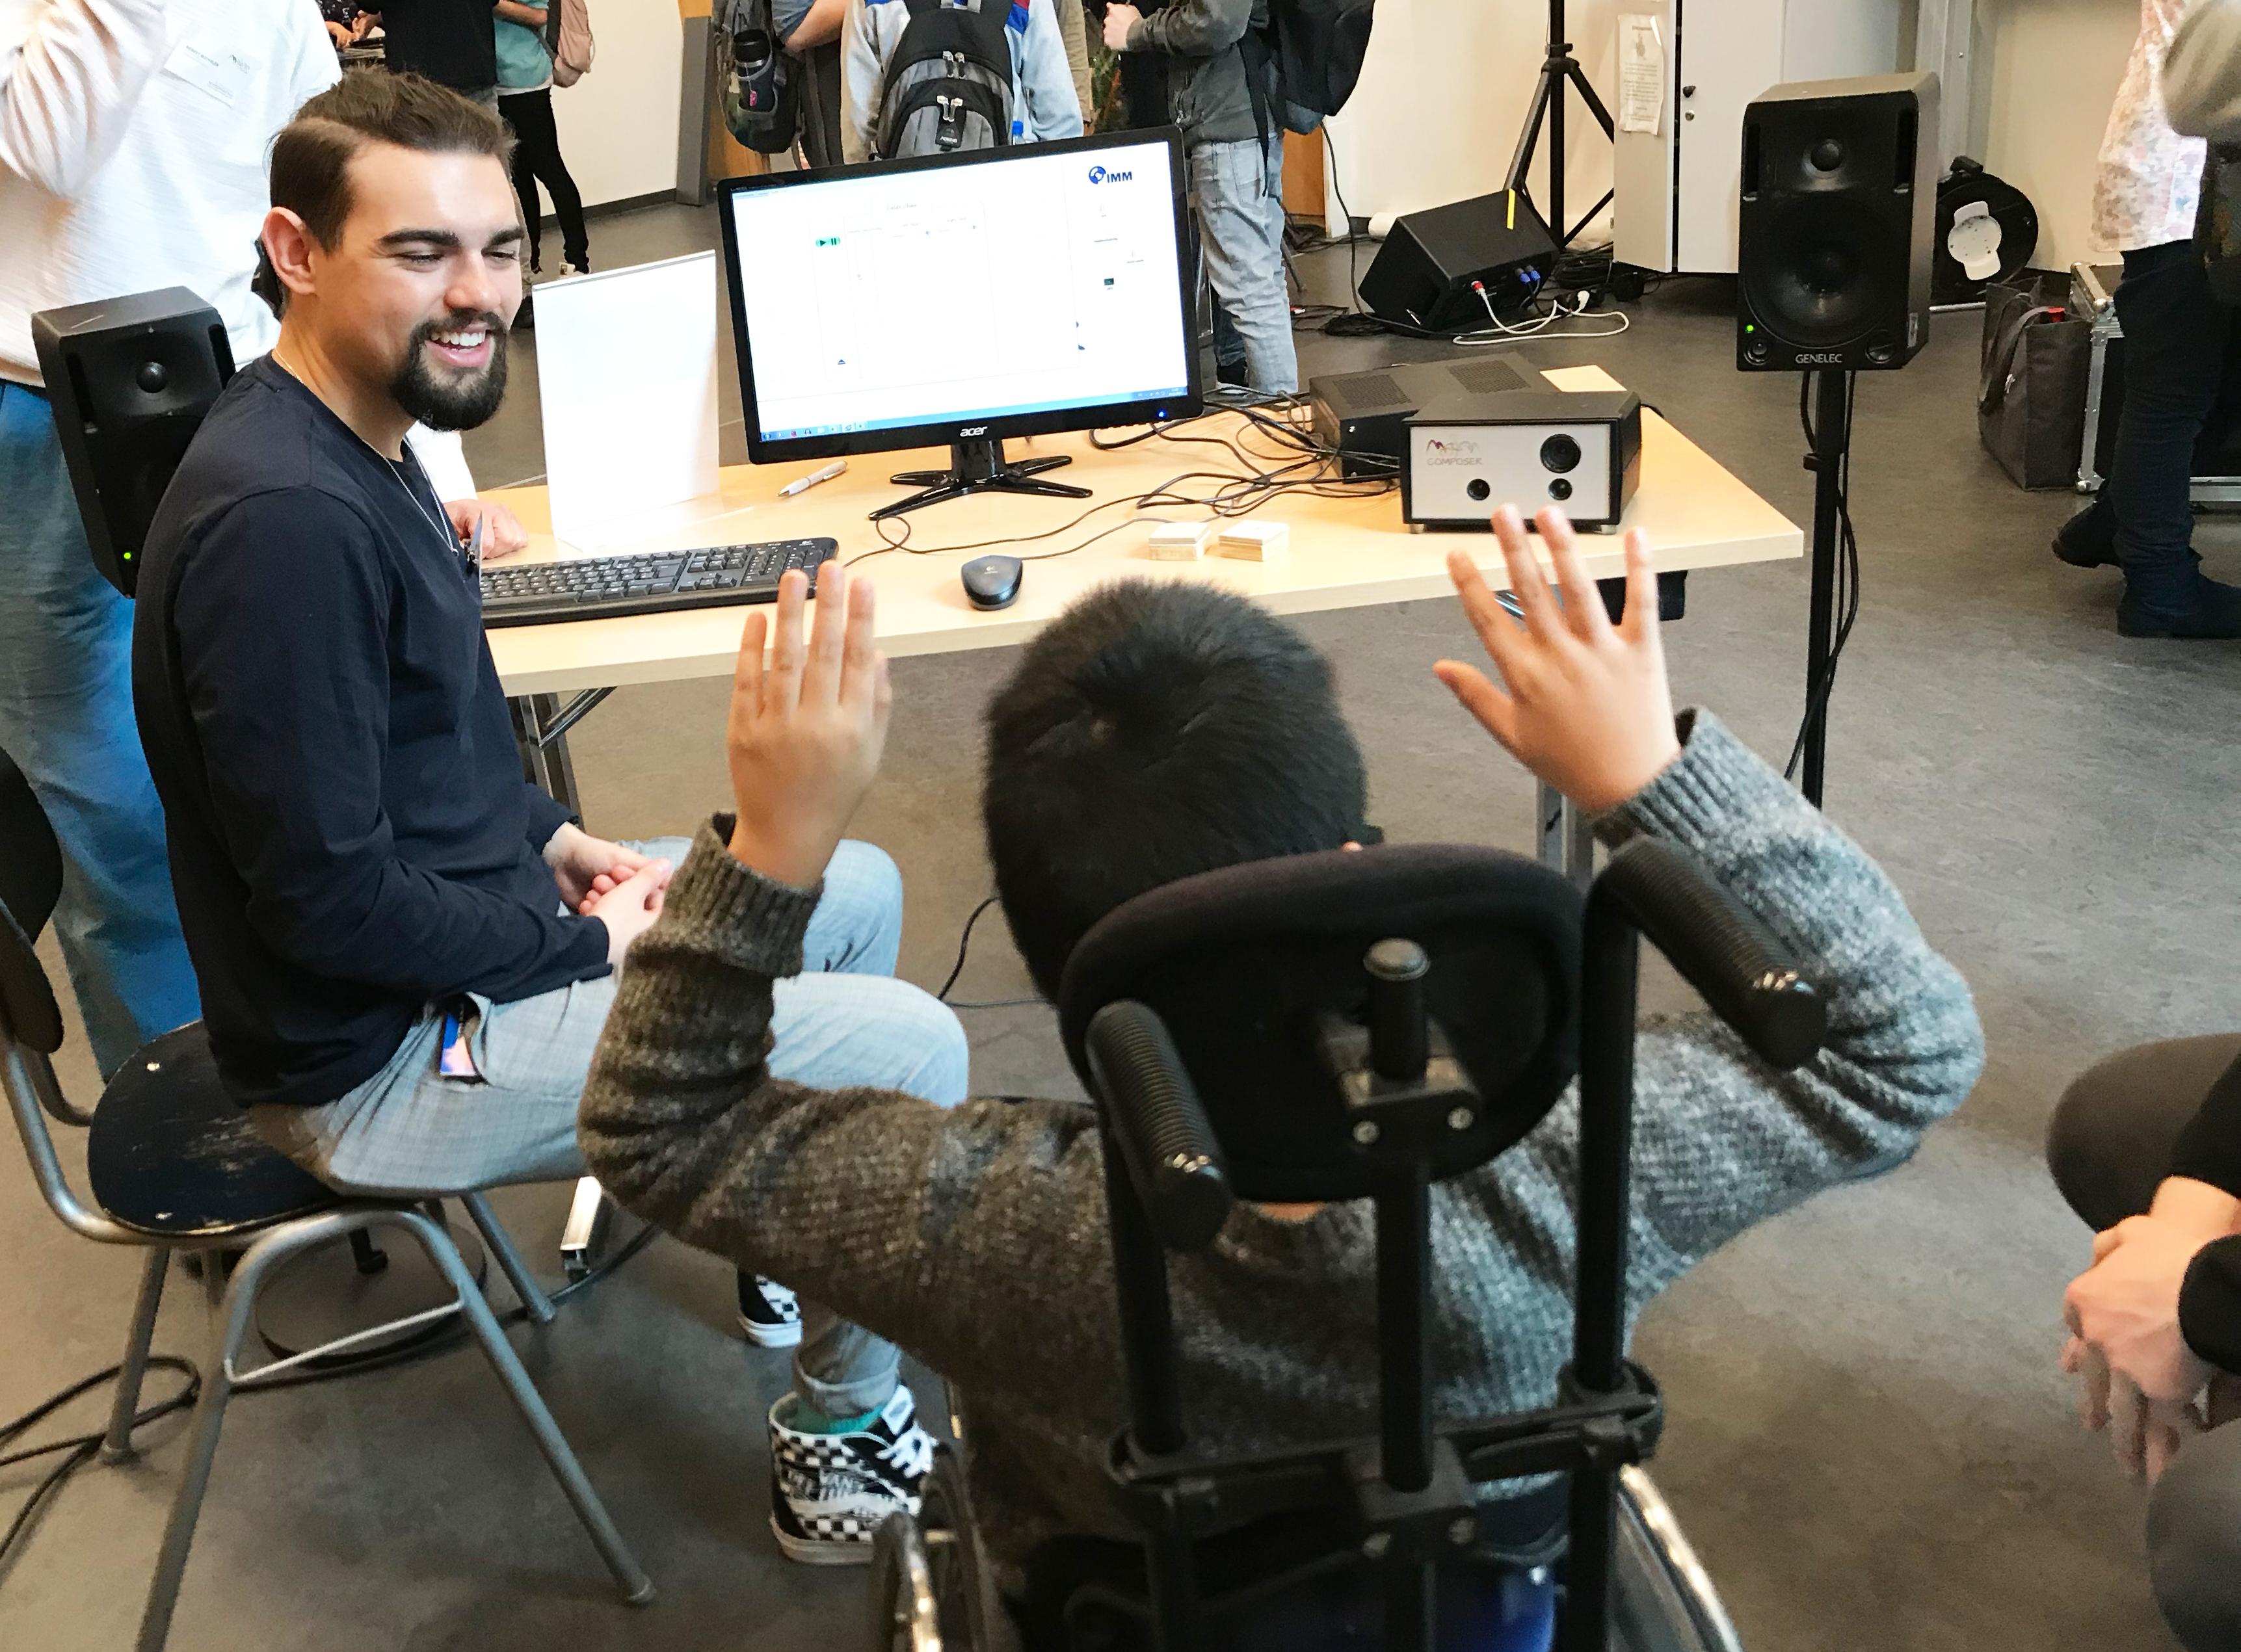 Links sitzt ein Mann auf einem Stuhl und in der Mitte ein junger Mann im Rollstuhl mit den Händen in der Luft. Beide sitzen vor einem Schreibtisch mit einem Computer.